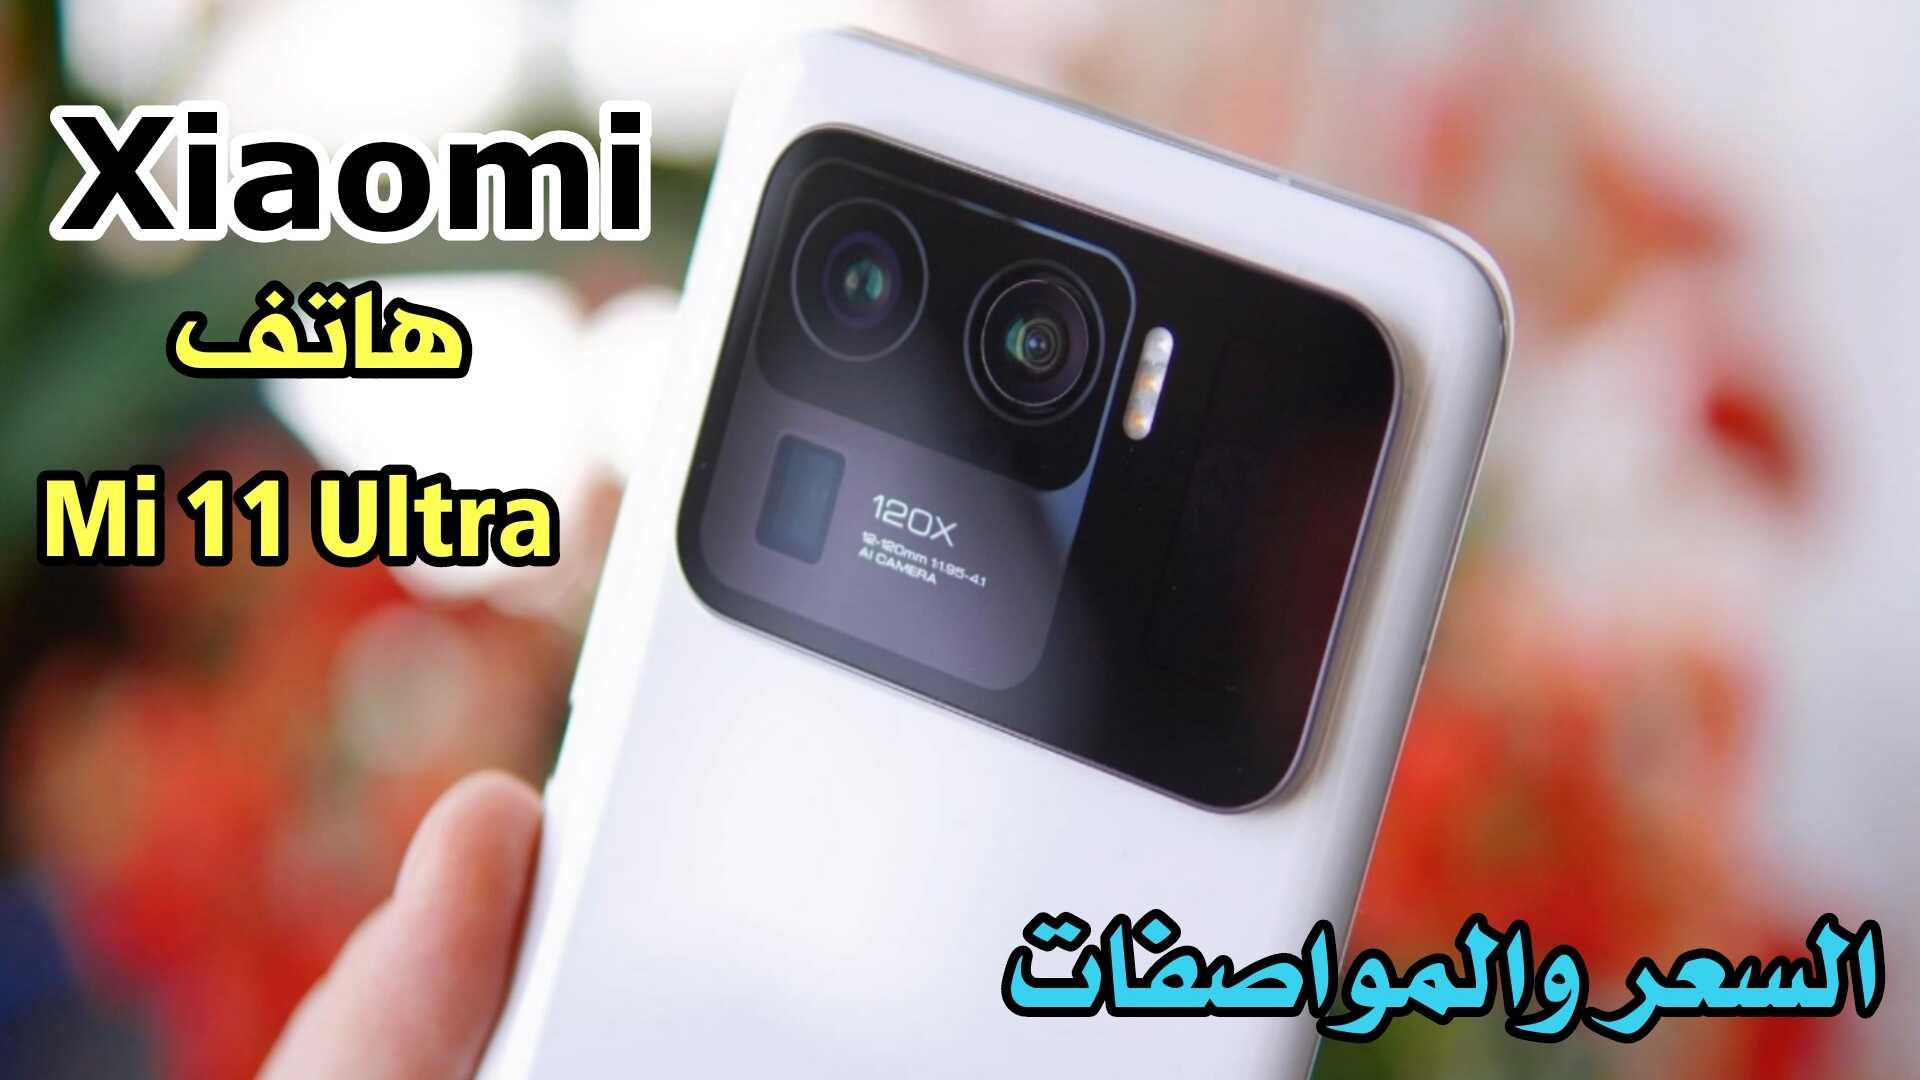 هاتف Mi 11 Ultra من Xiaomi يمتلك أكبر مستشعر كاميرا